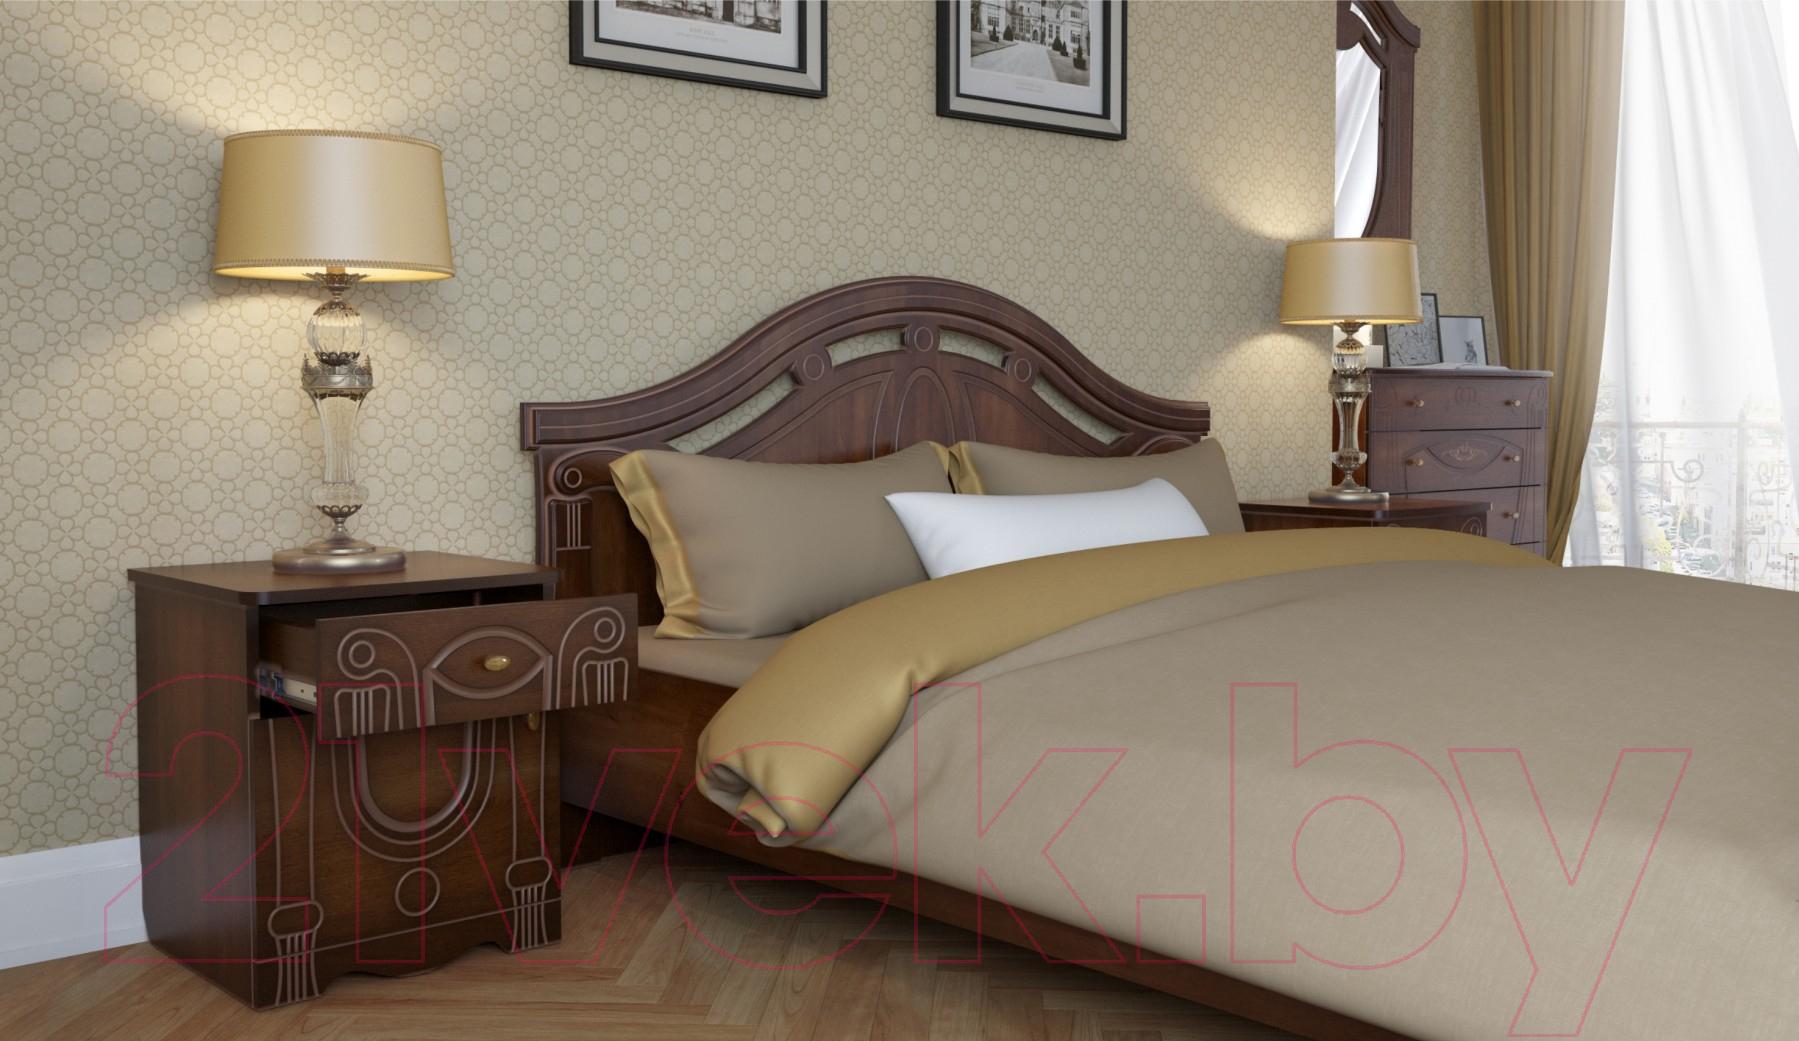 Купить Комплект мебели для спальни Империал, Александрина с ОМ ШК-4 (орех/золото), Россия